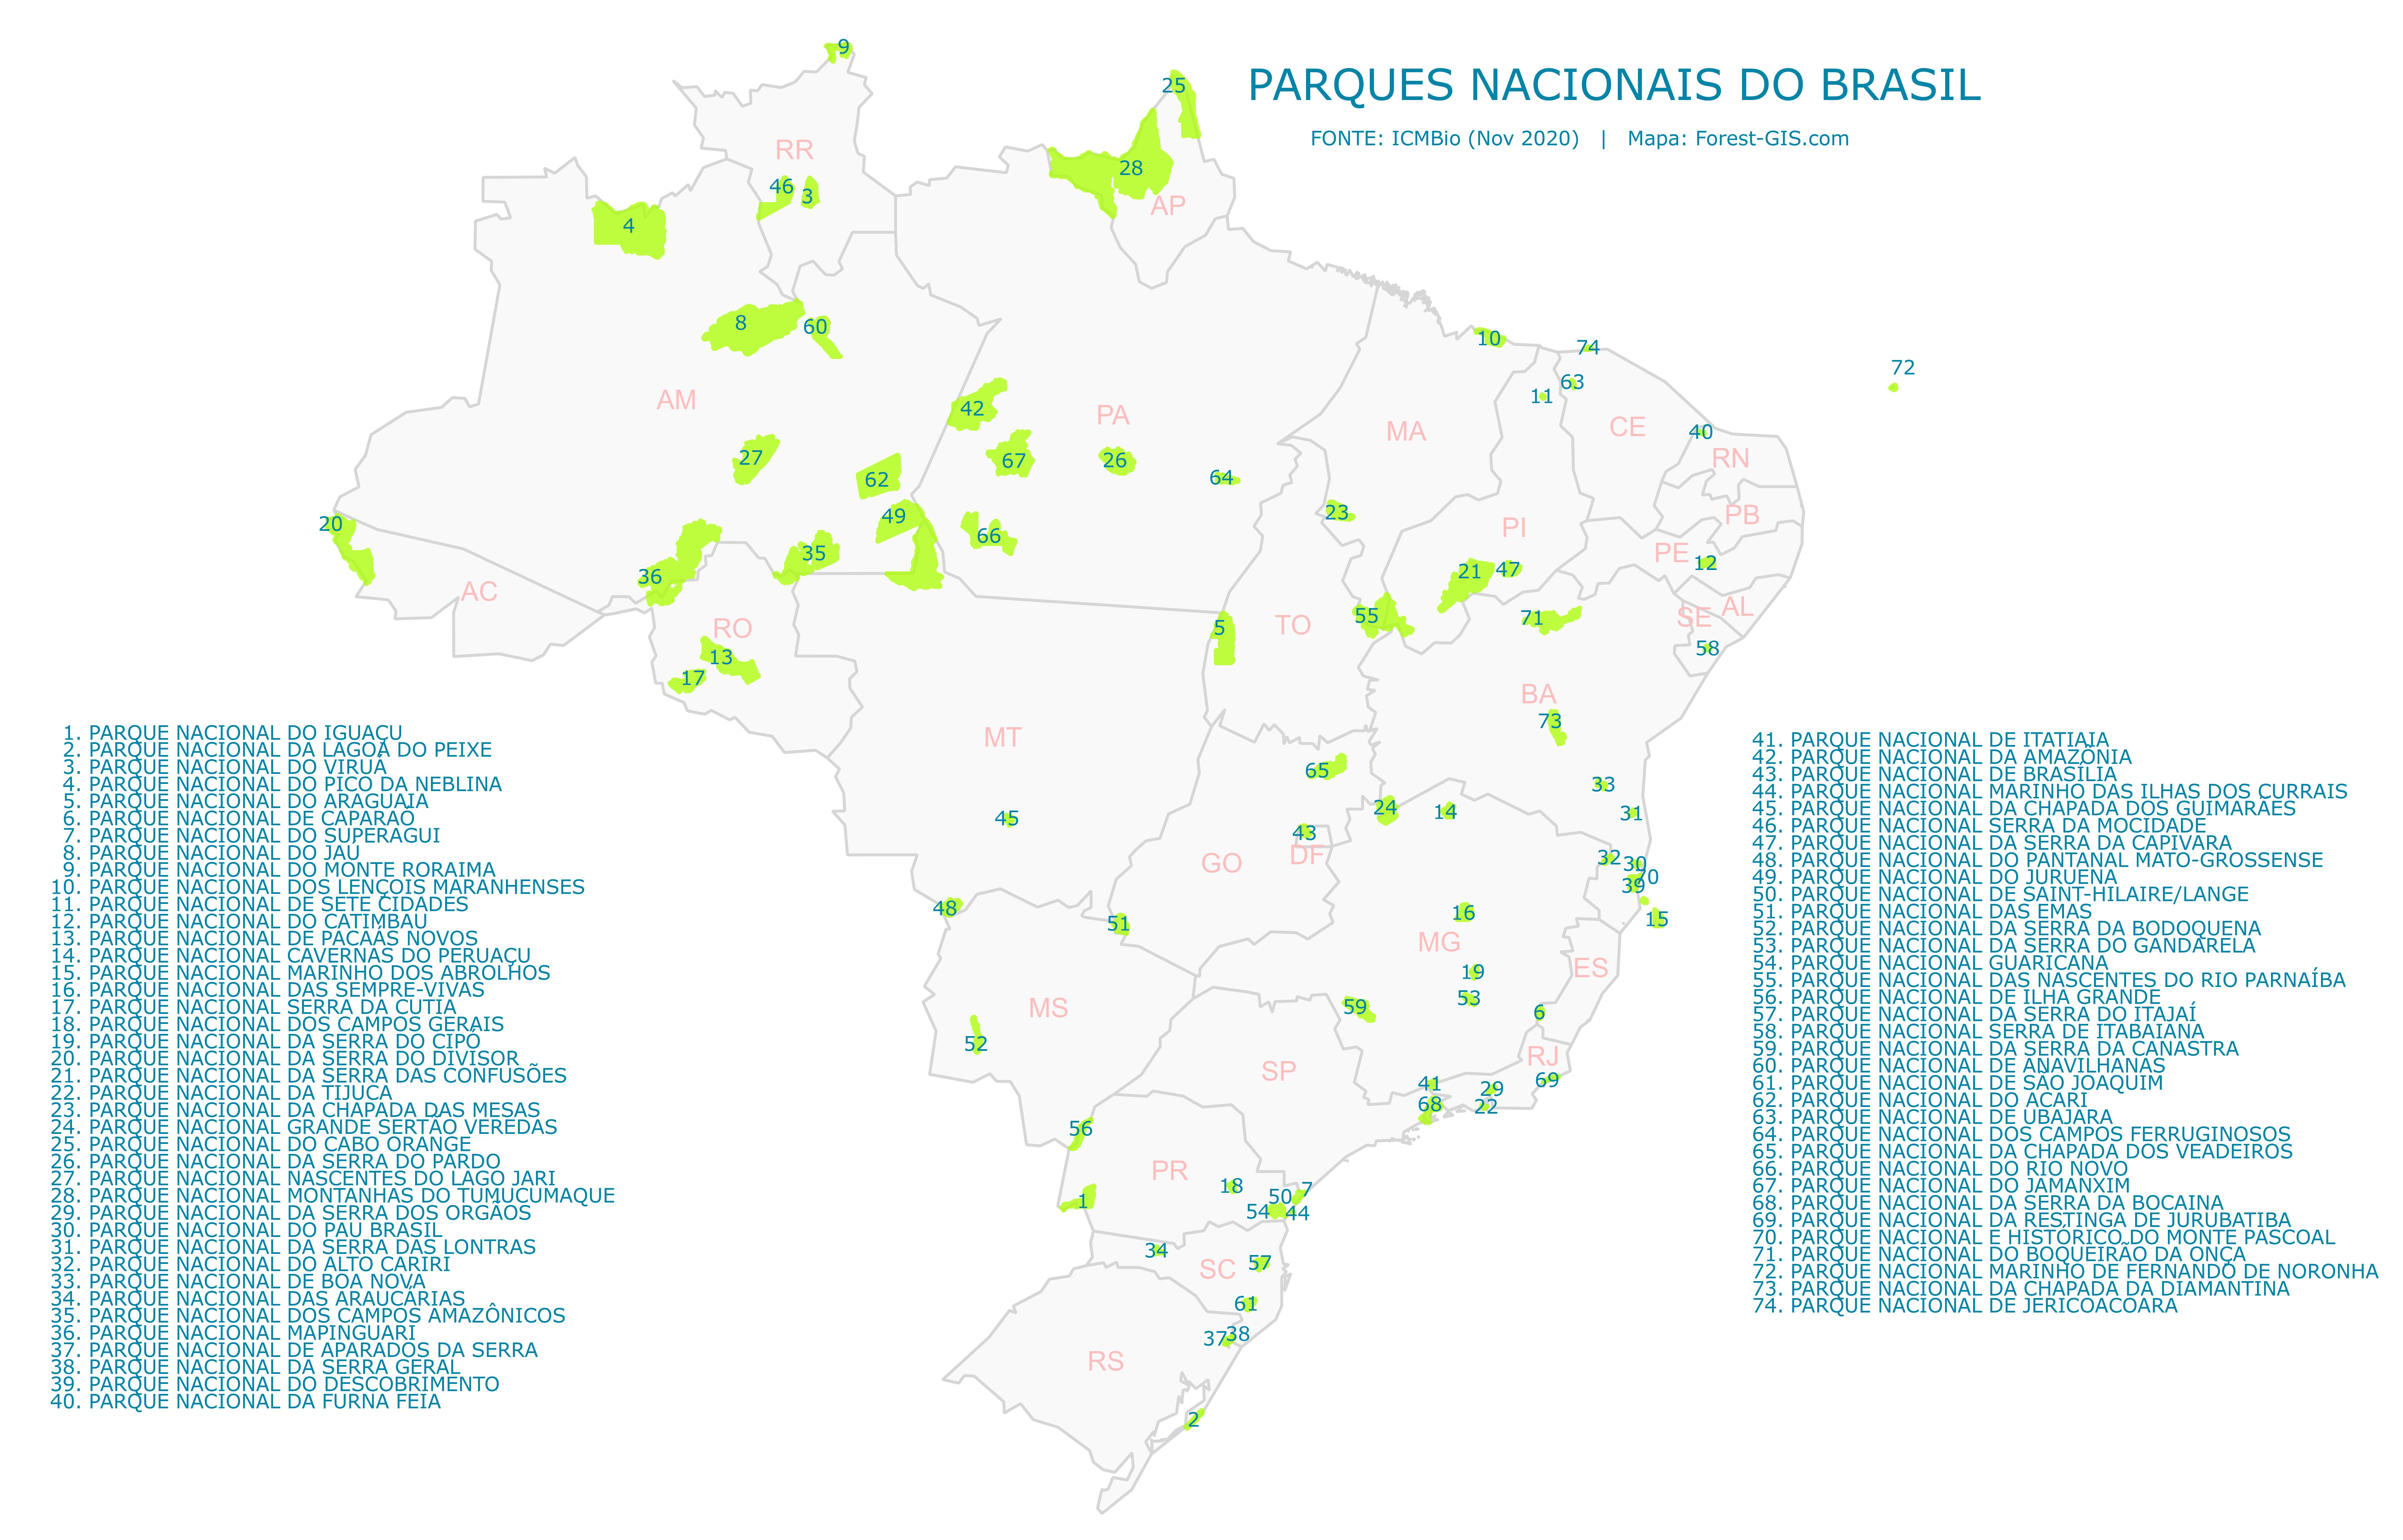 Parques Nacionais do Brasil